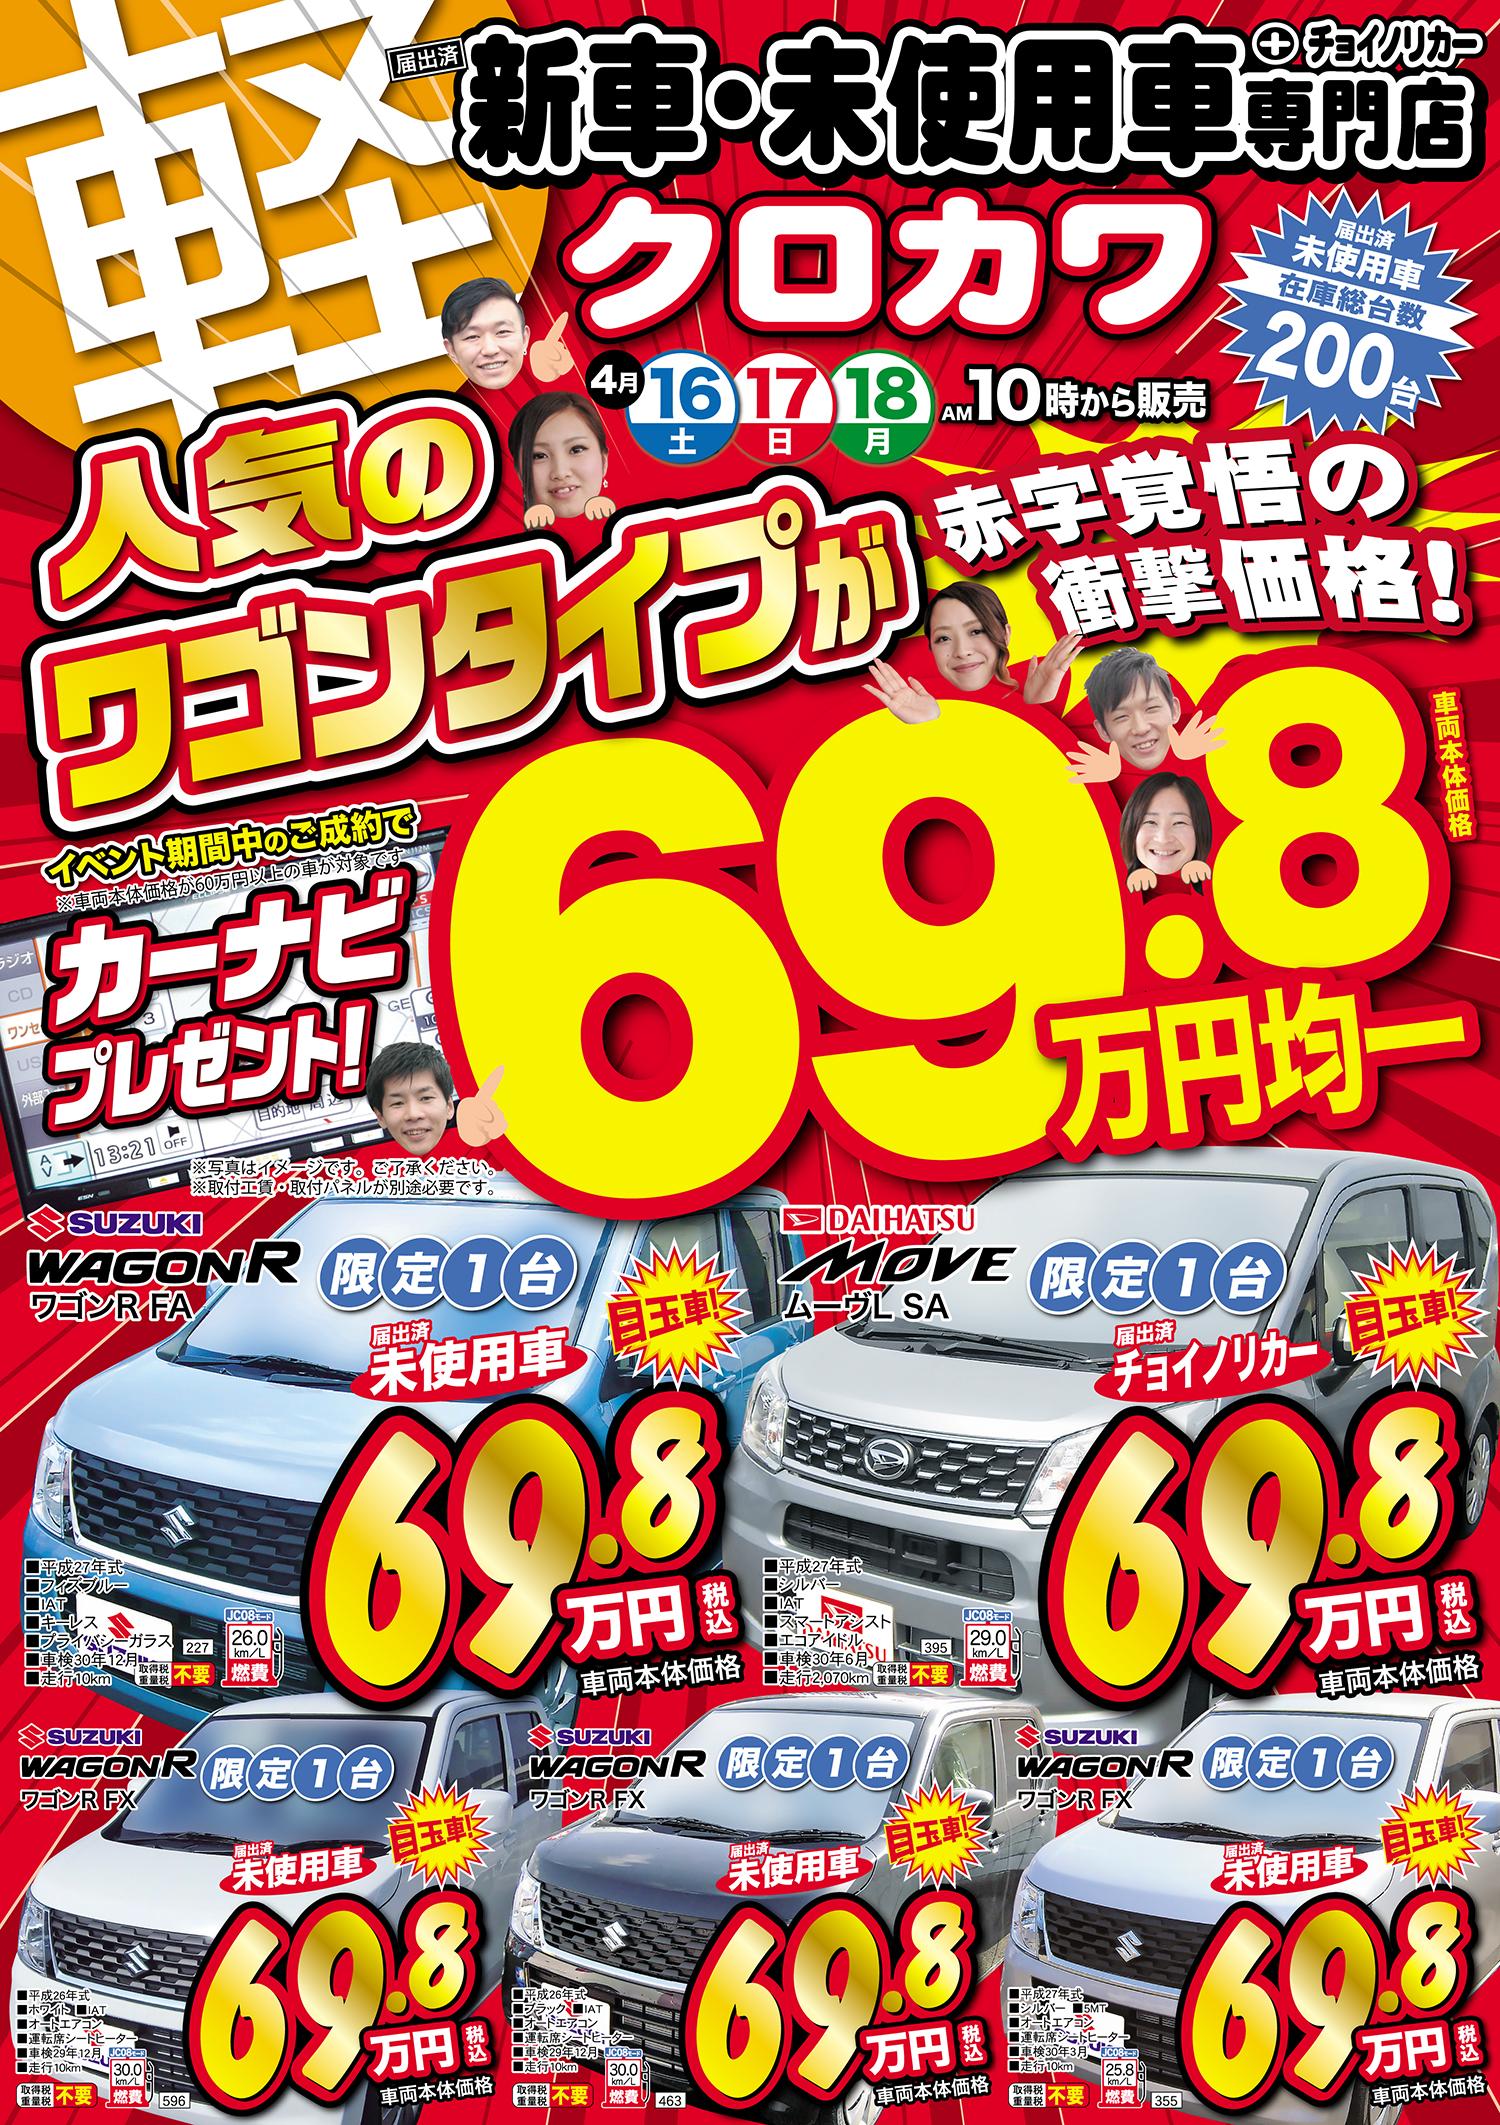 人気のワゴンタイプが衝撃価格!期間中ご成約でカーナビプレゼント